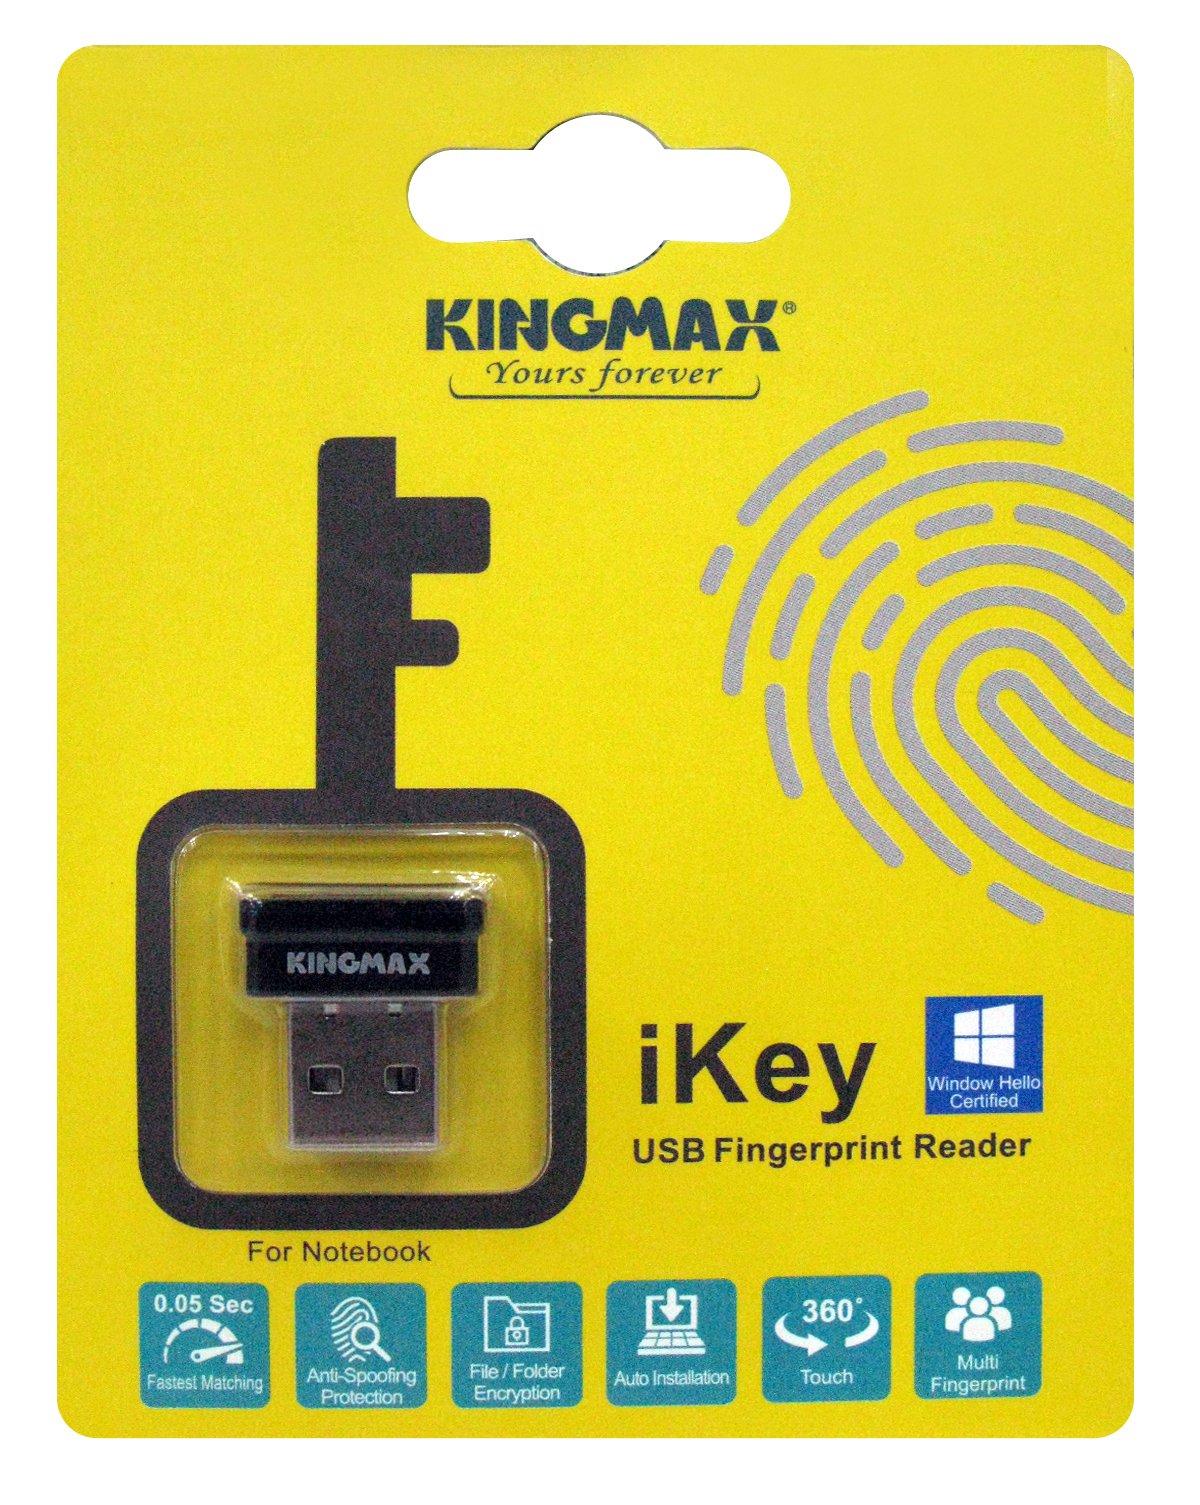 Kingmax iKey Fingerprint Reader